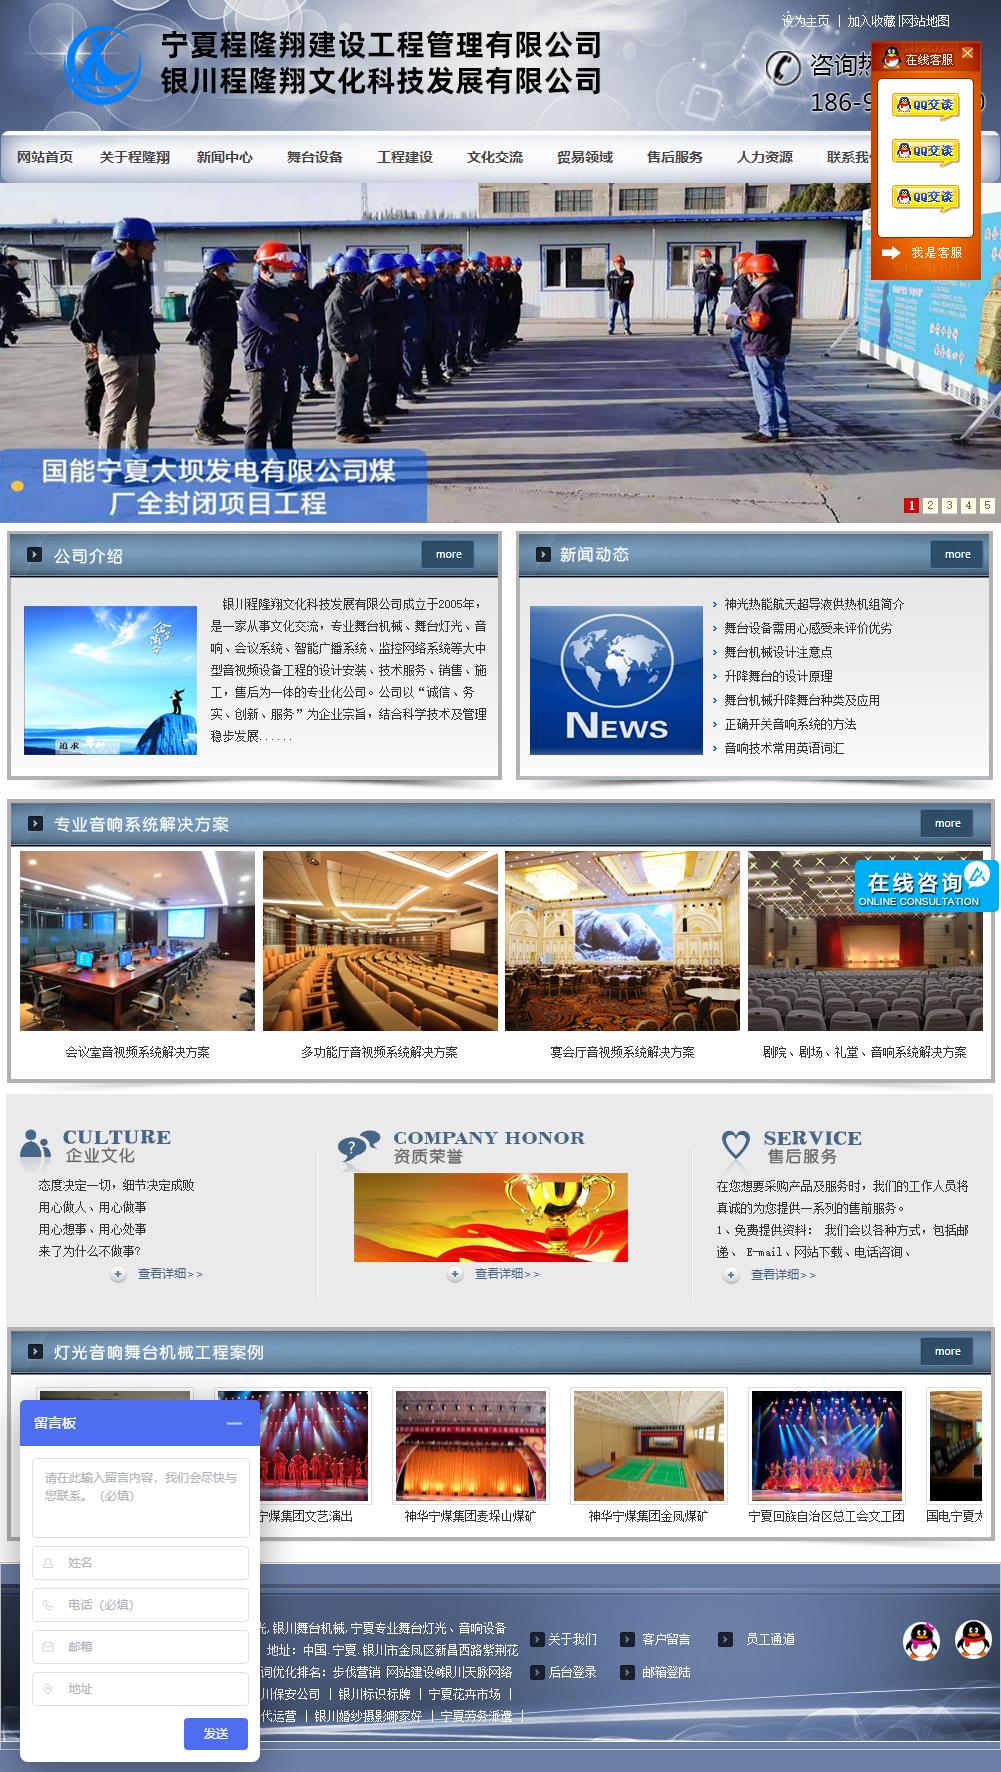 银川程隆翔文化科技发展有限公司网站案例